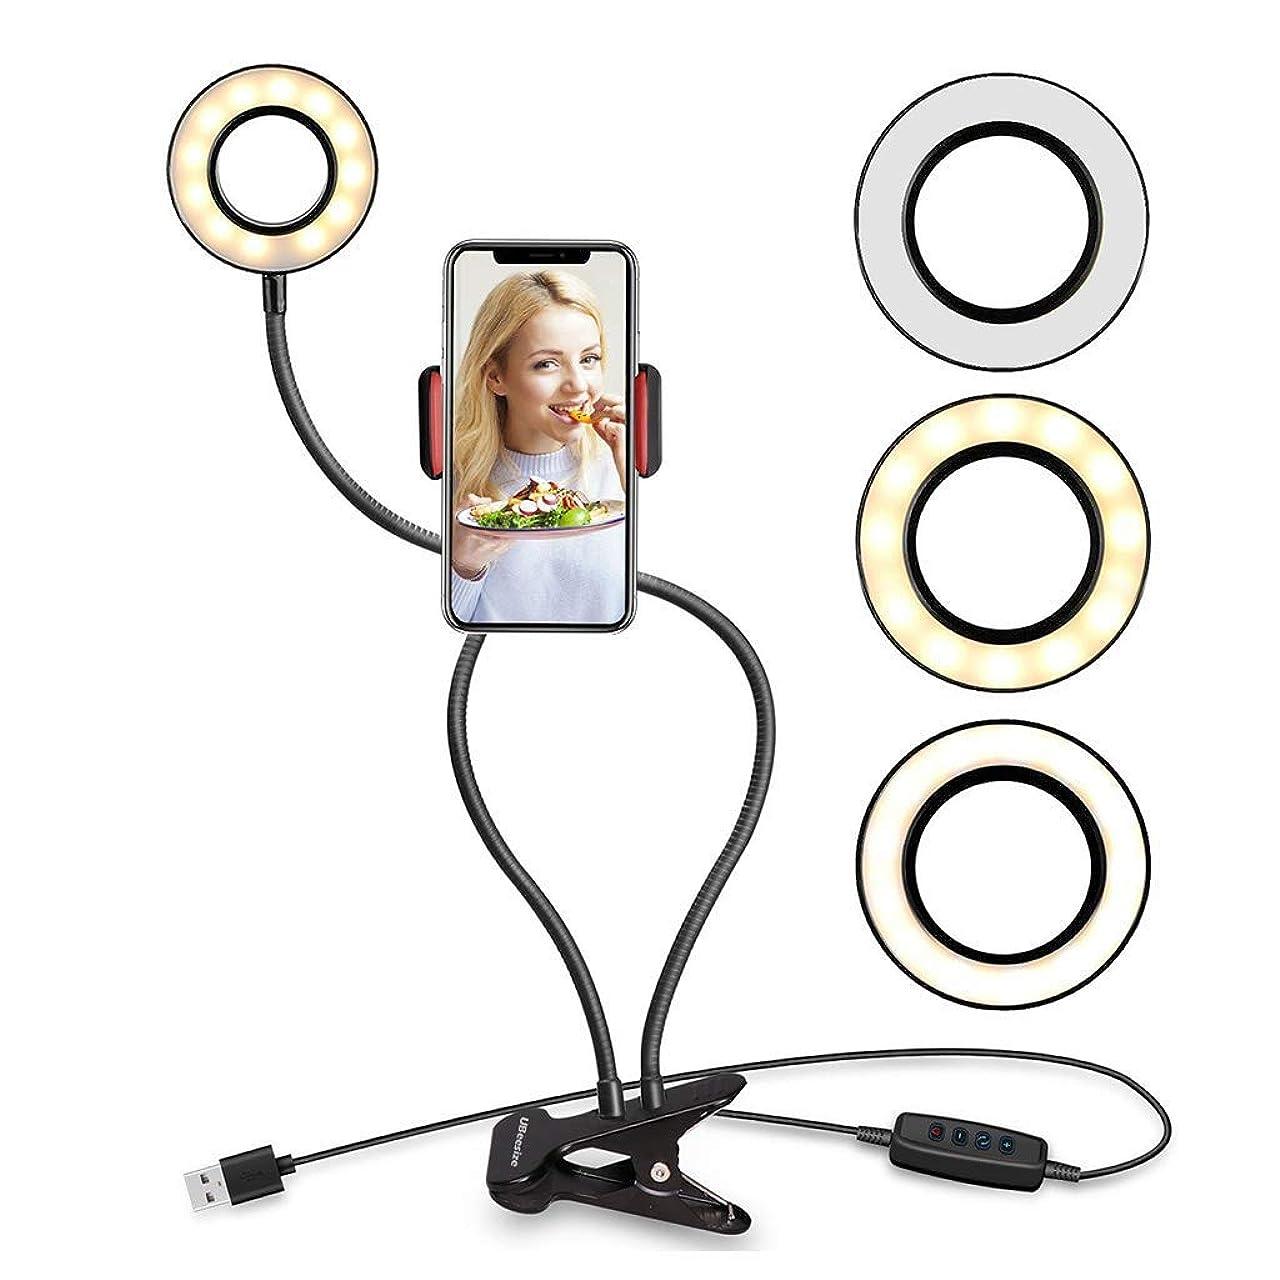 コウモリアーカイブ観光に行く携帯電話ホルダーの Iphone と Android スマートフォン2のための1つのブラケットライブ電話スタンドとビデオチャンネルデスクランプ用オフィス, ベッドルーム, バスルーム